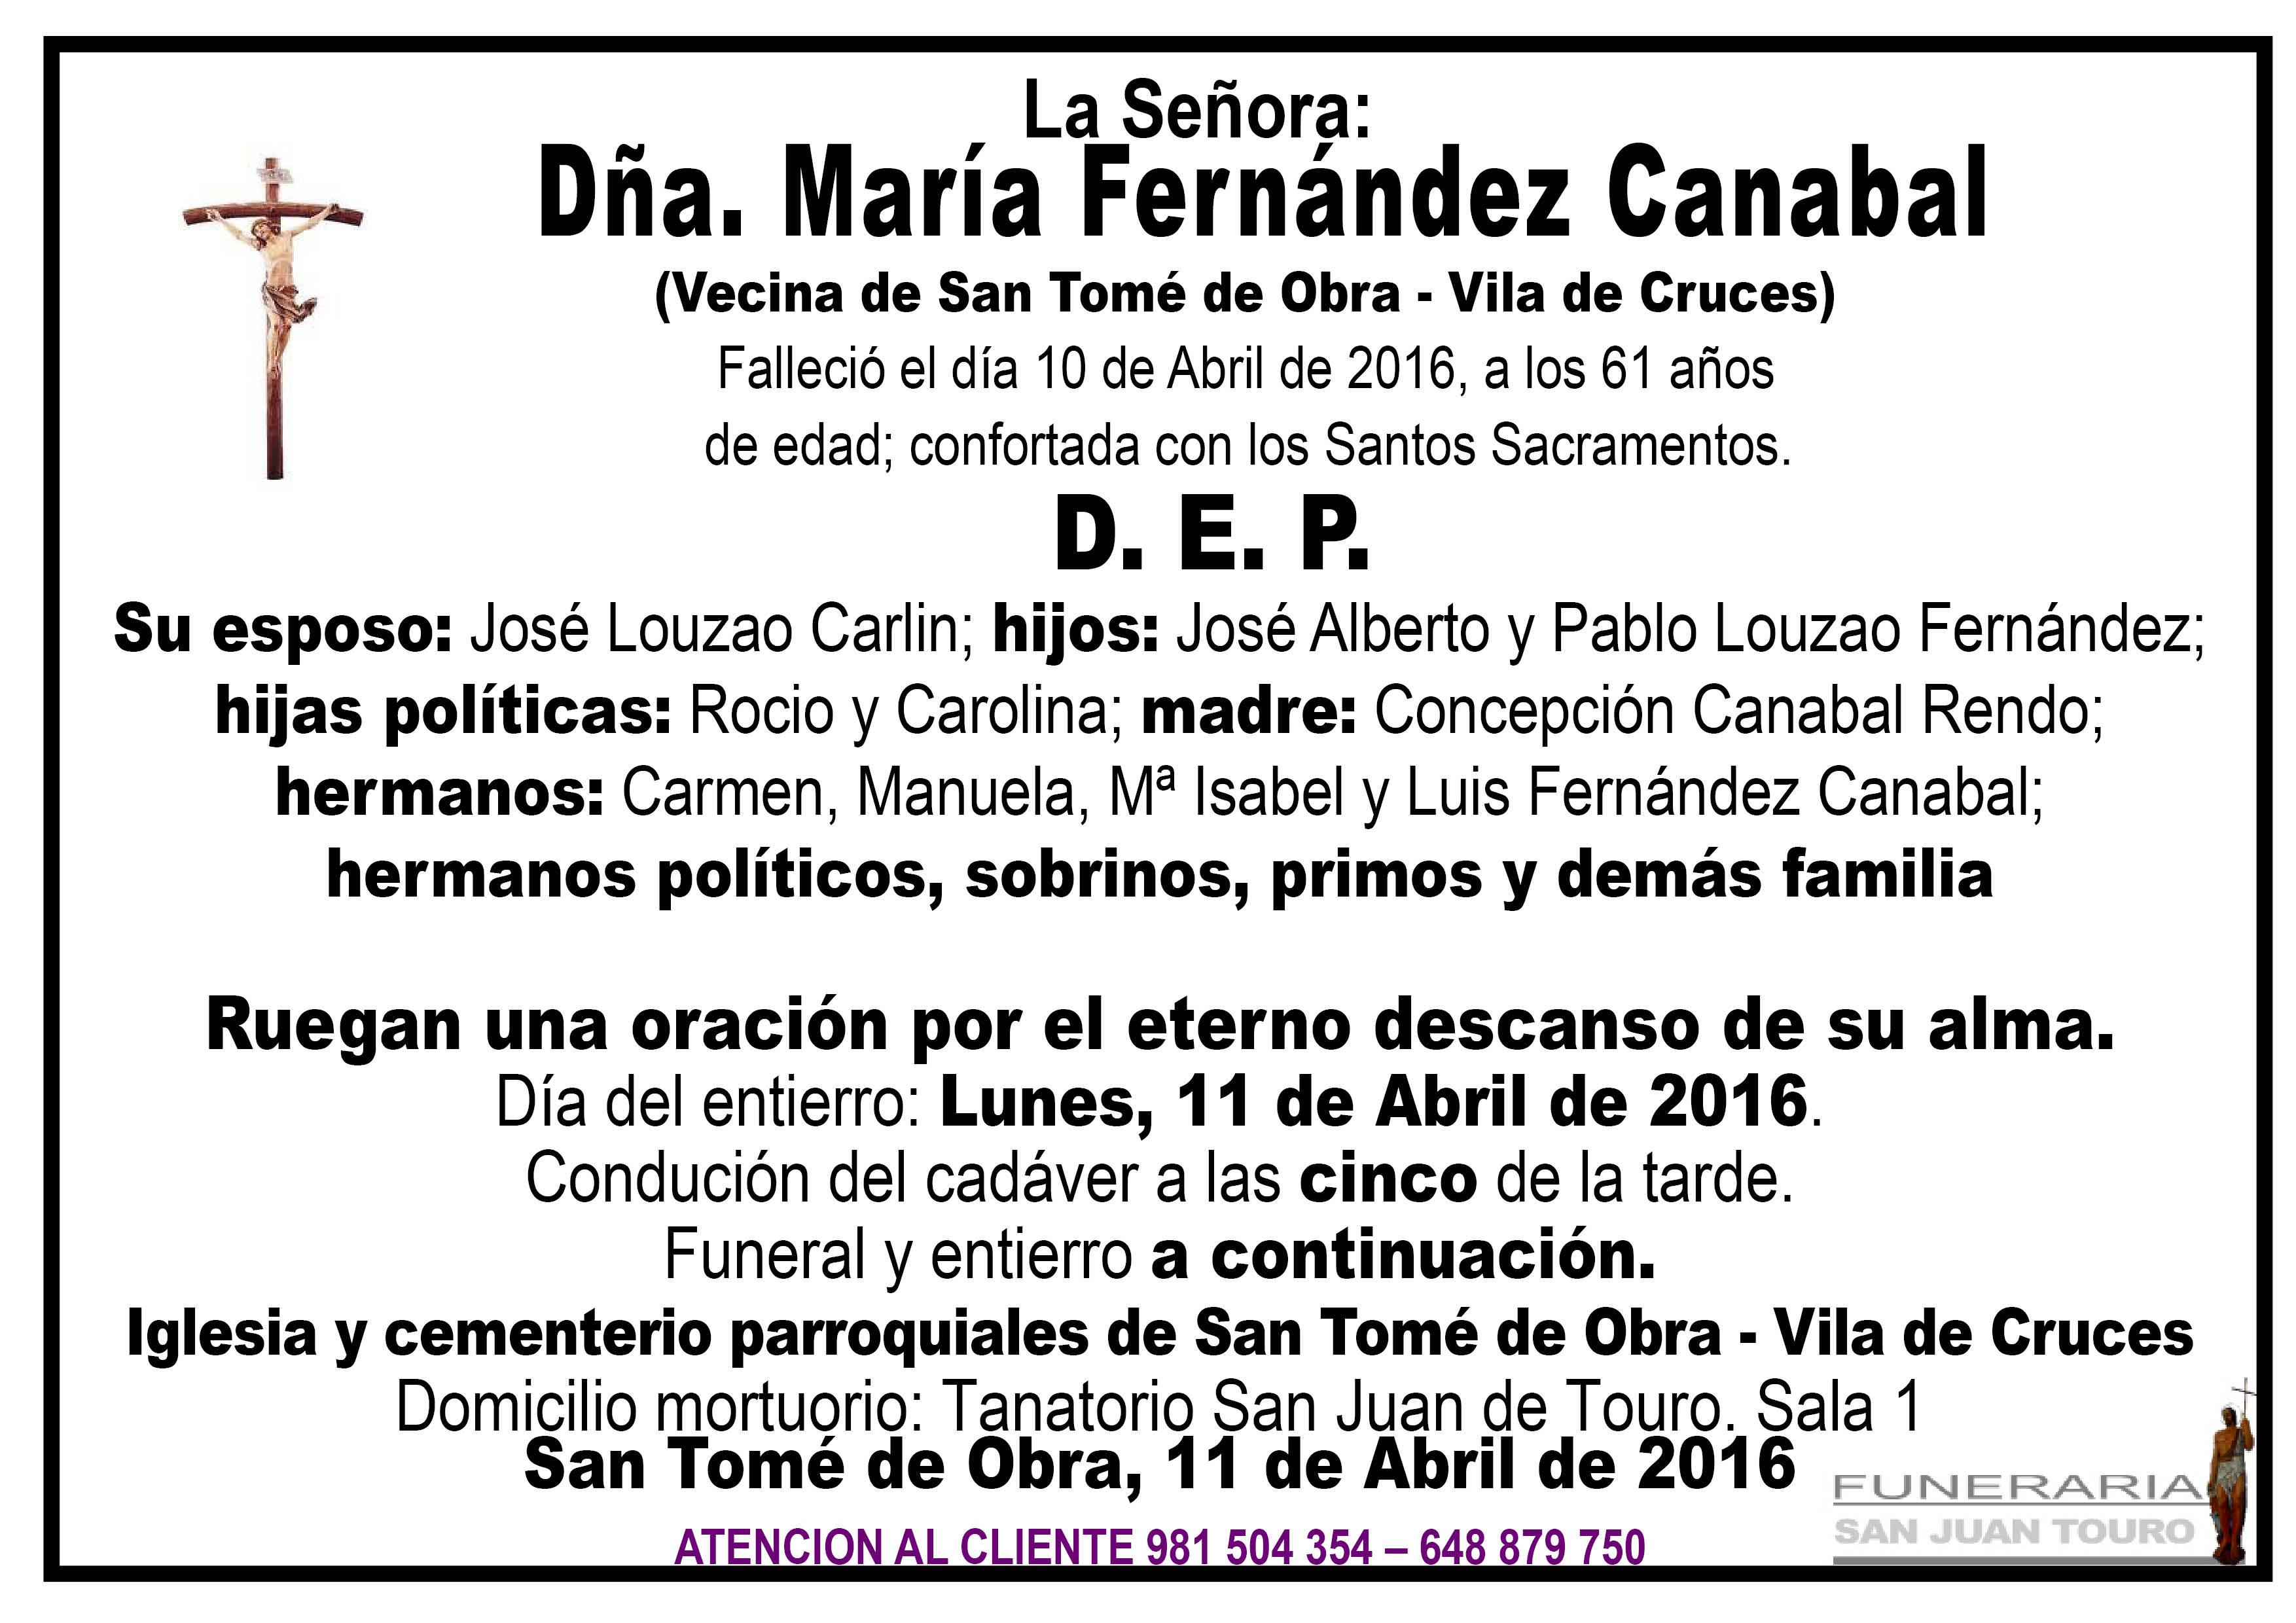 Esquela de SEPELIO DÑA. MARÍA FERNÁNDEZ CANABAL